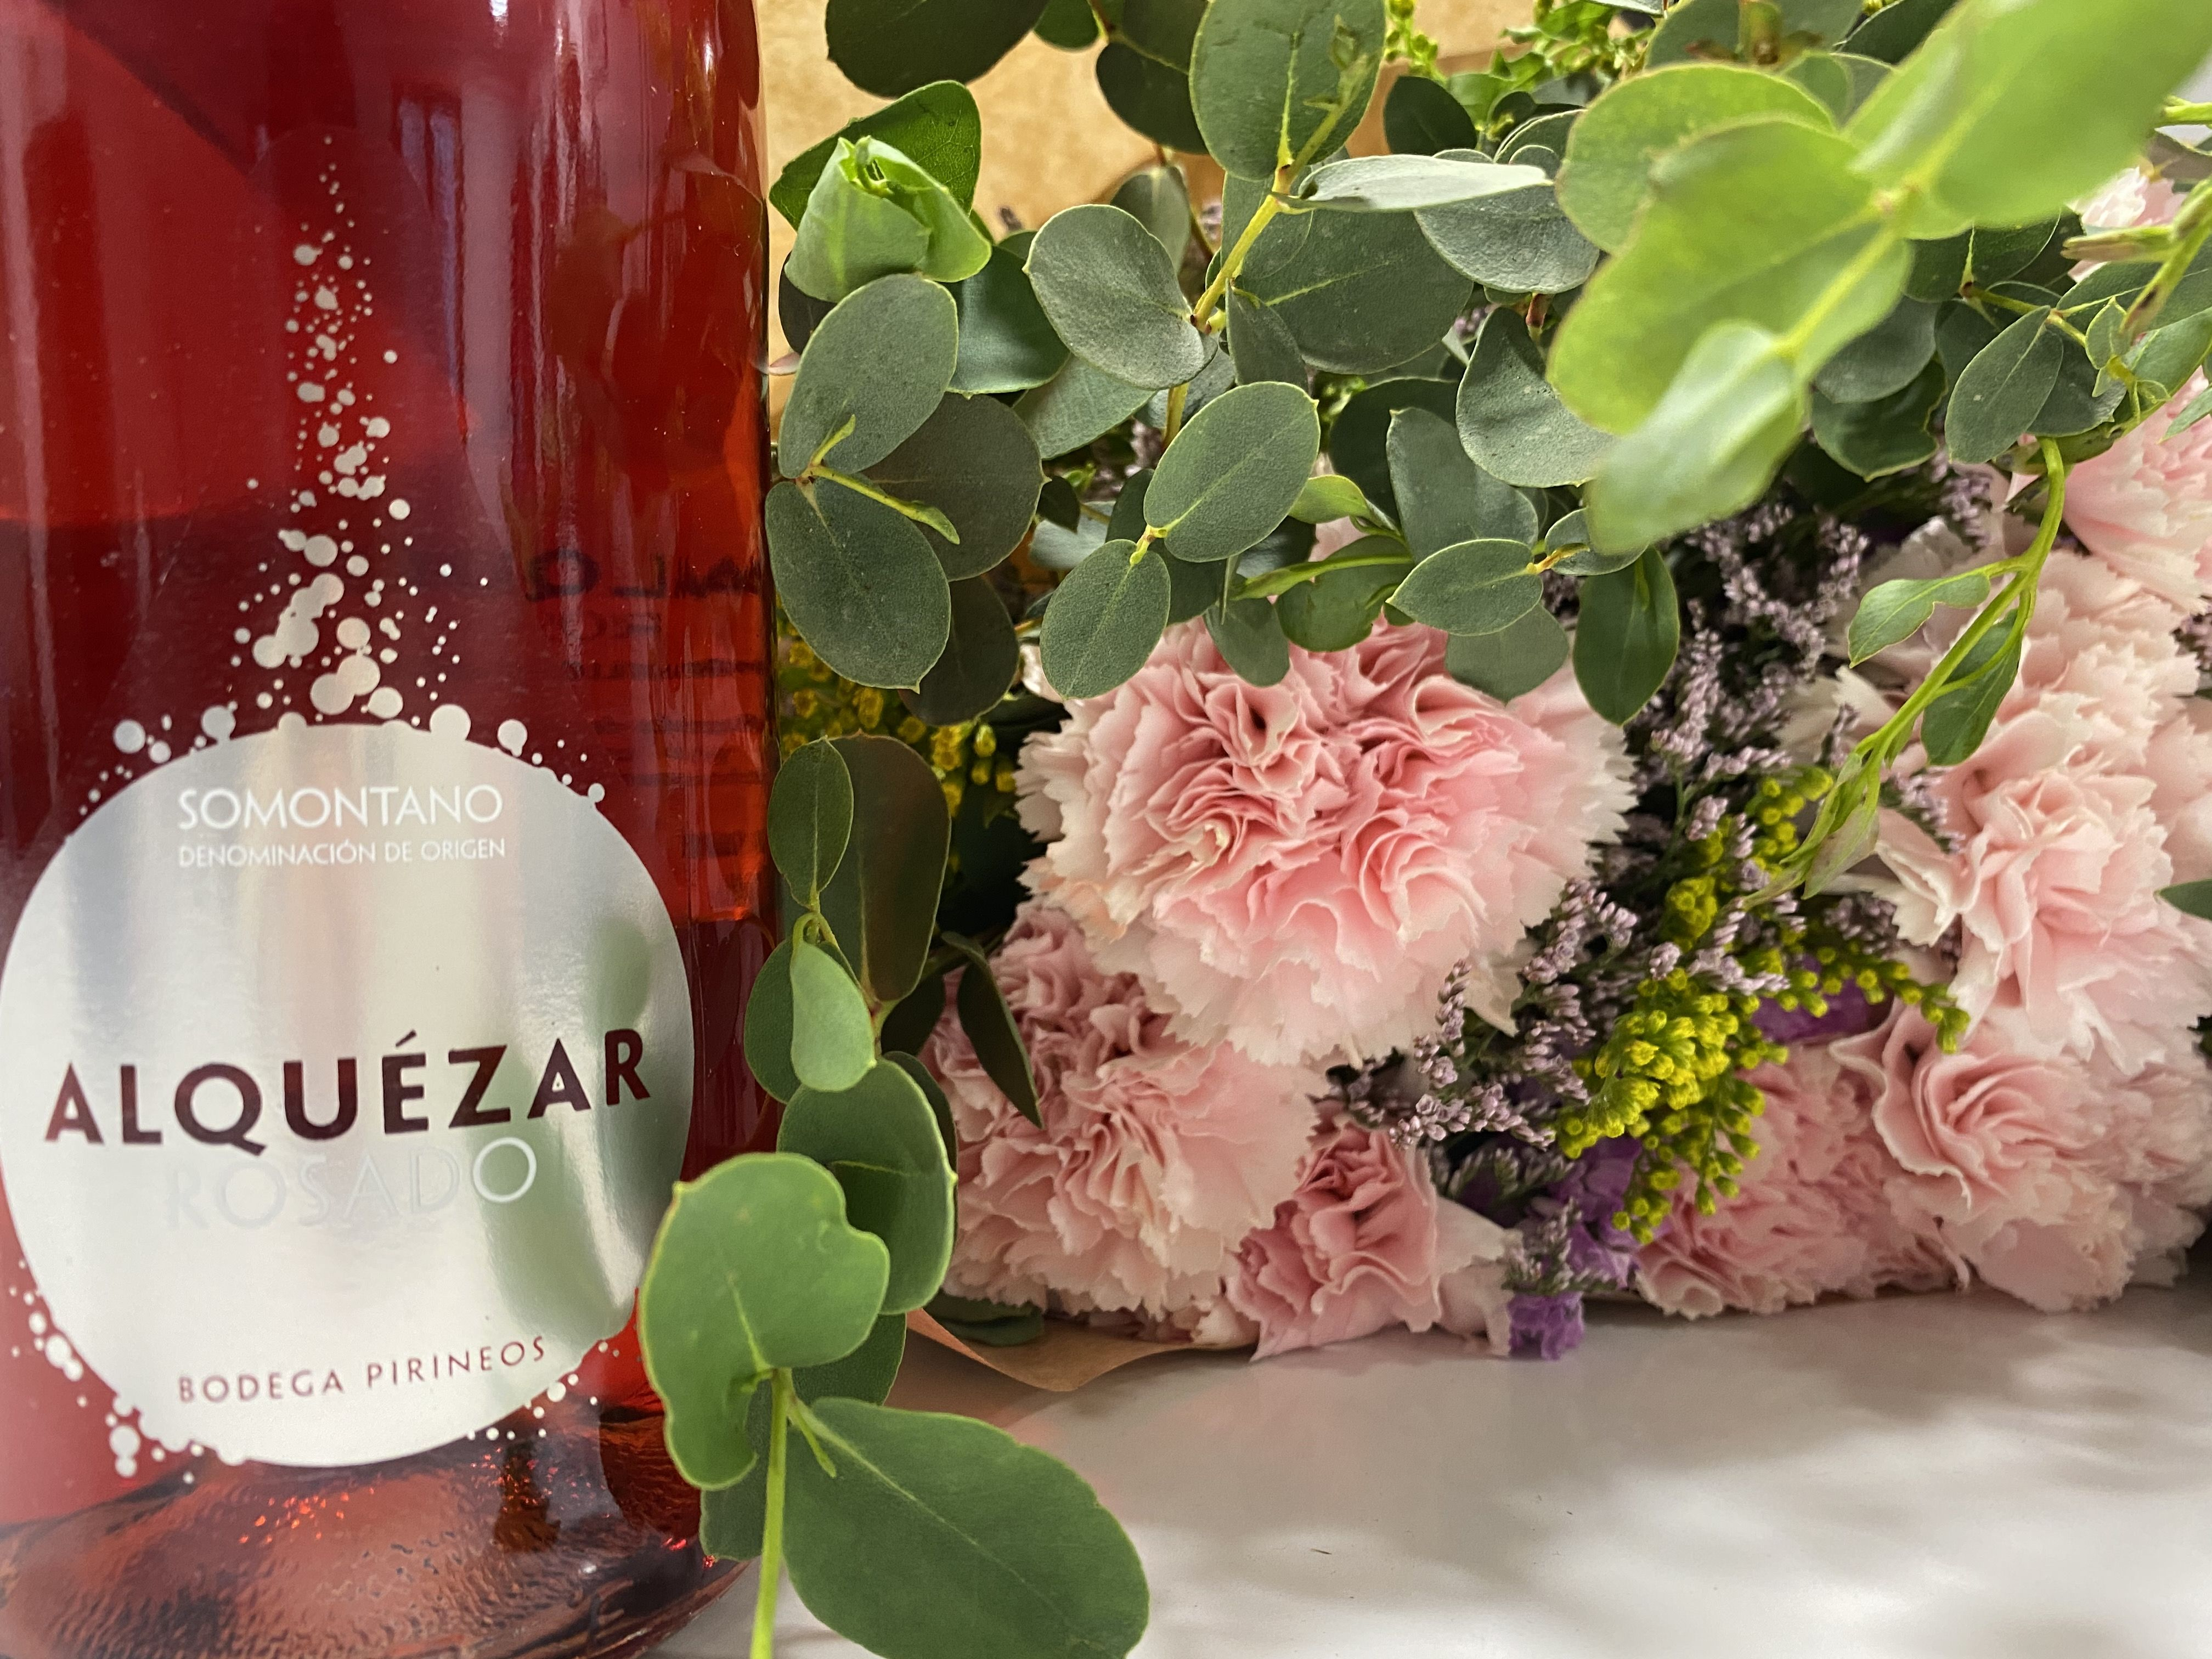 Flores y Alquézar rosado para celebrar el Día de la Madre